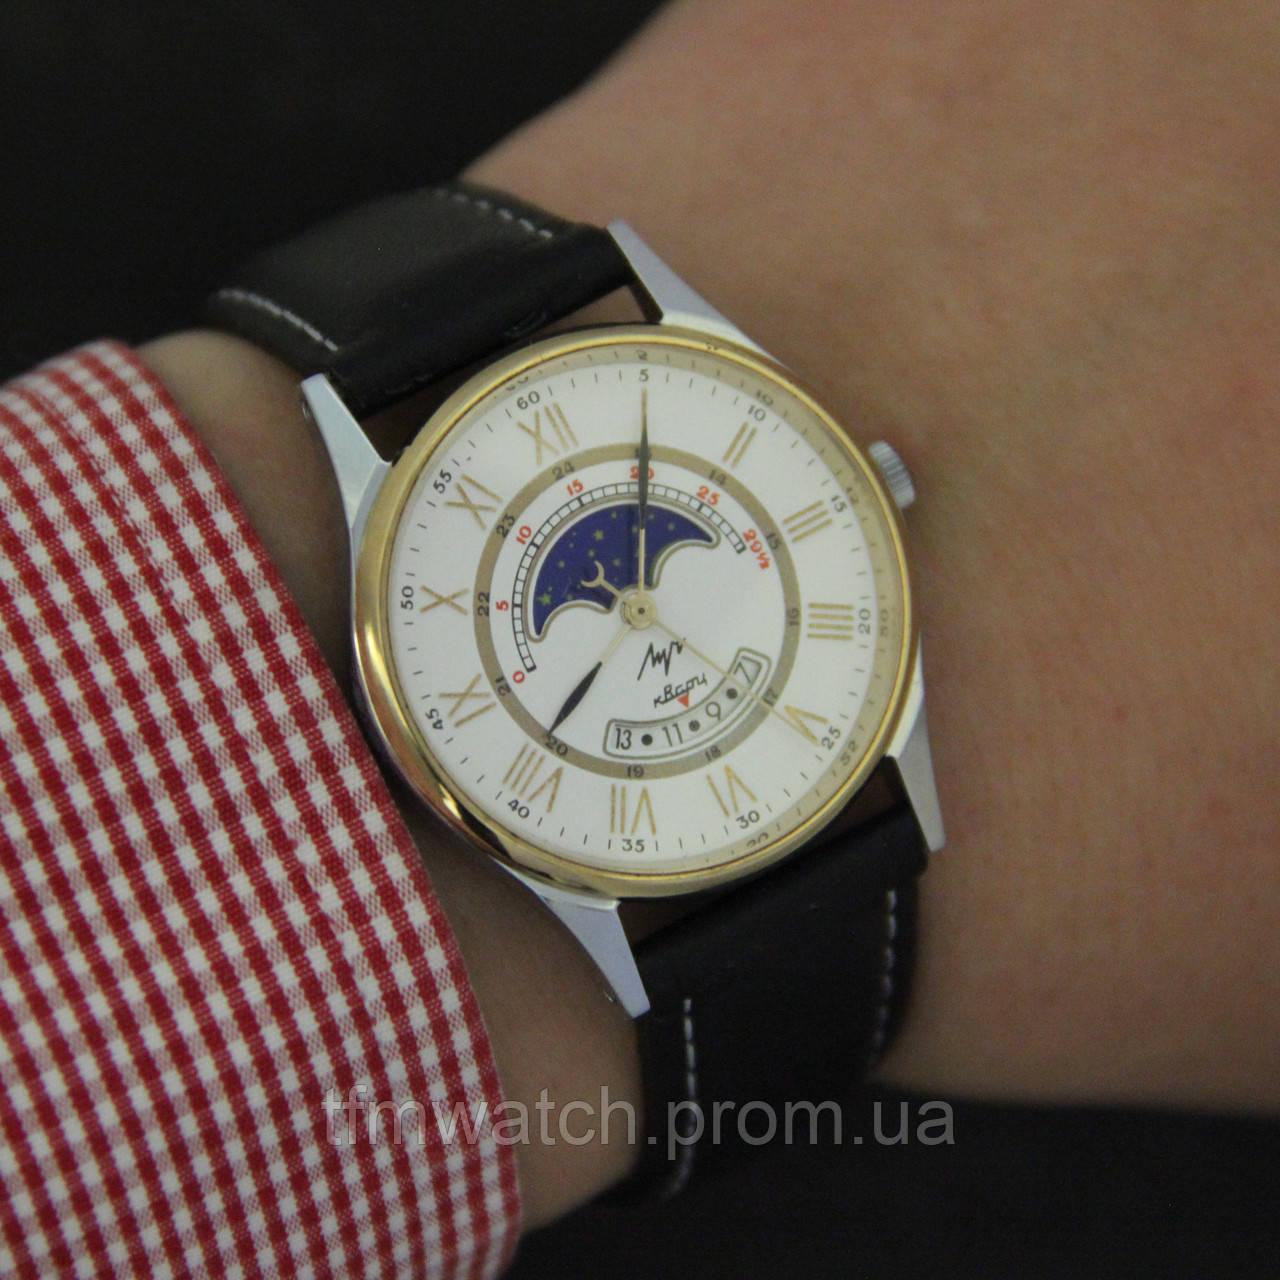 Наручные кварцевые часы луч купить купить военные часы в нижнем новгороде